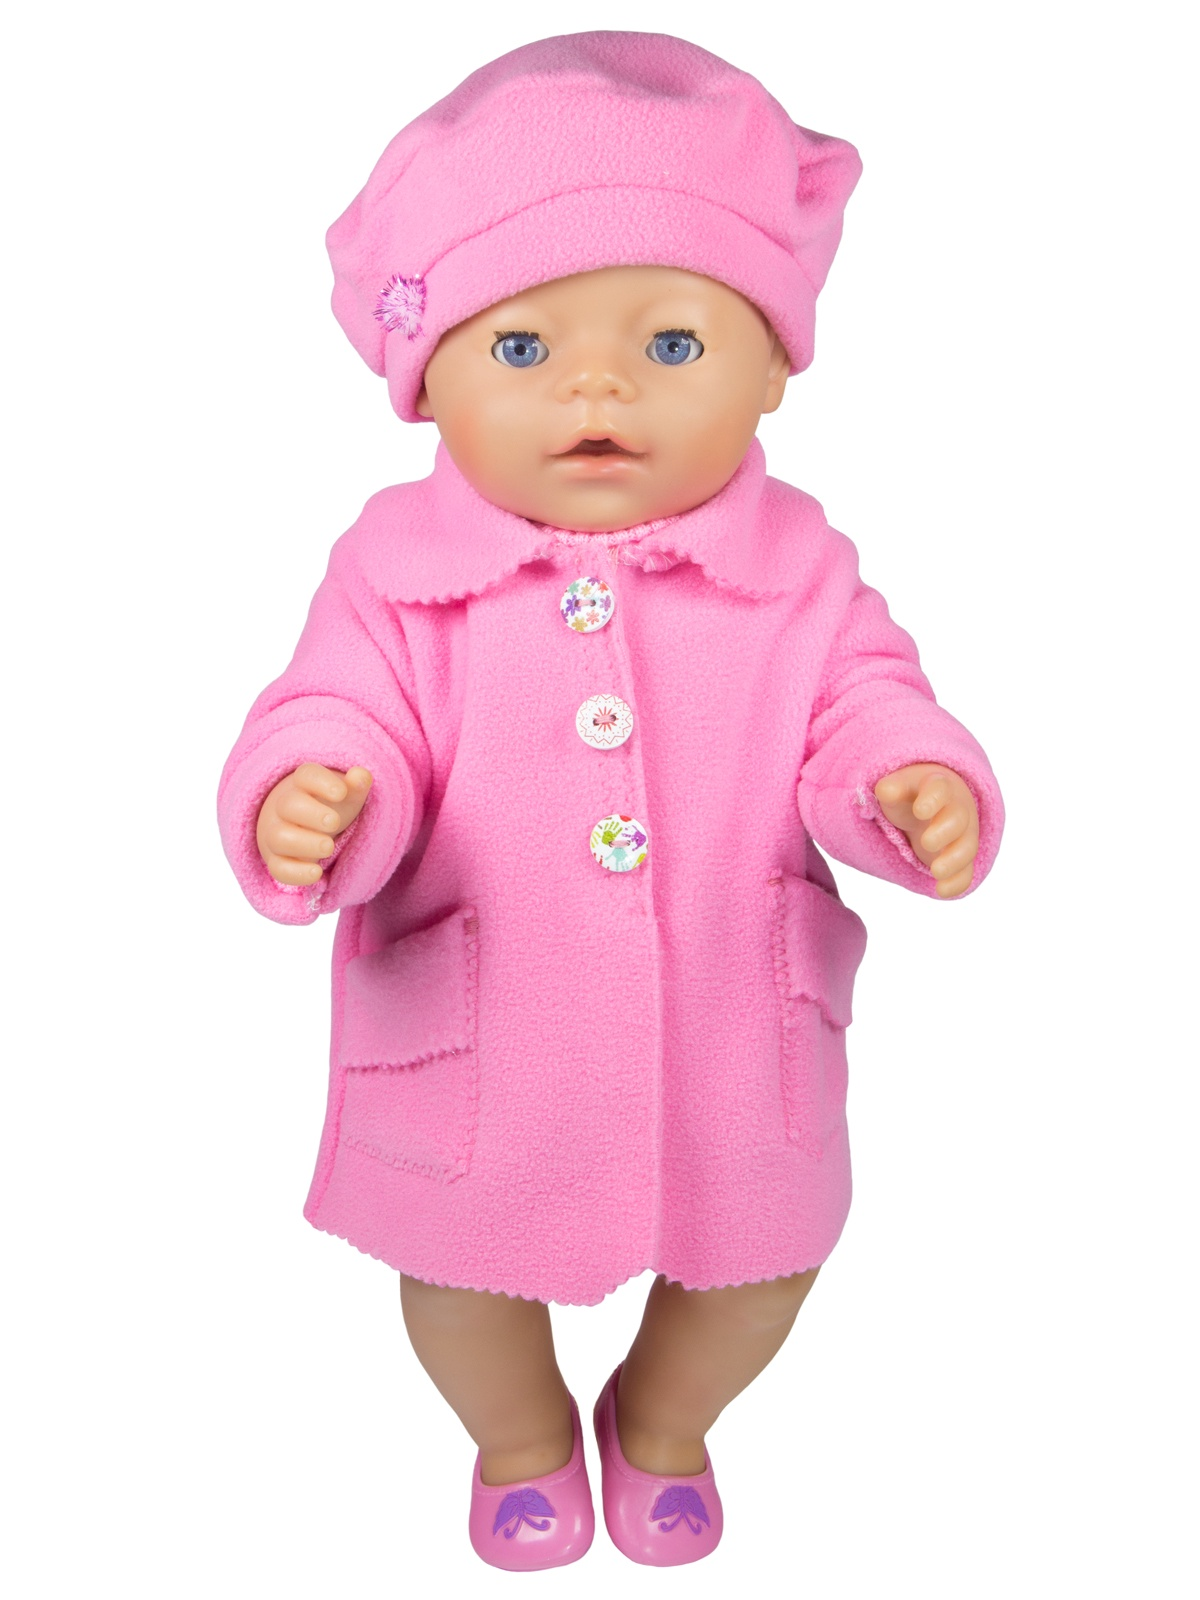 цена Одежда для кукол Модница Пальто с беретом для пупса 43см розовый онлайн в 2017 году